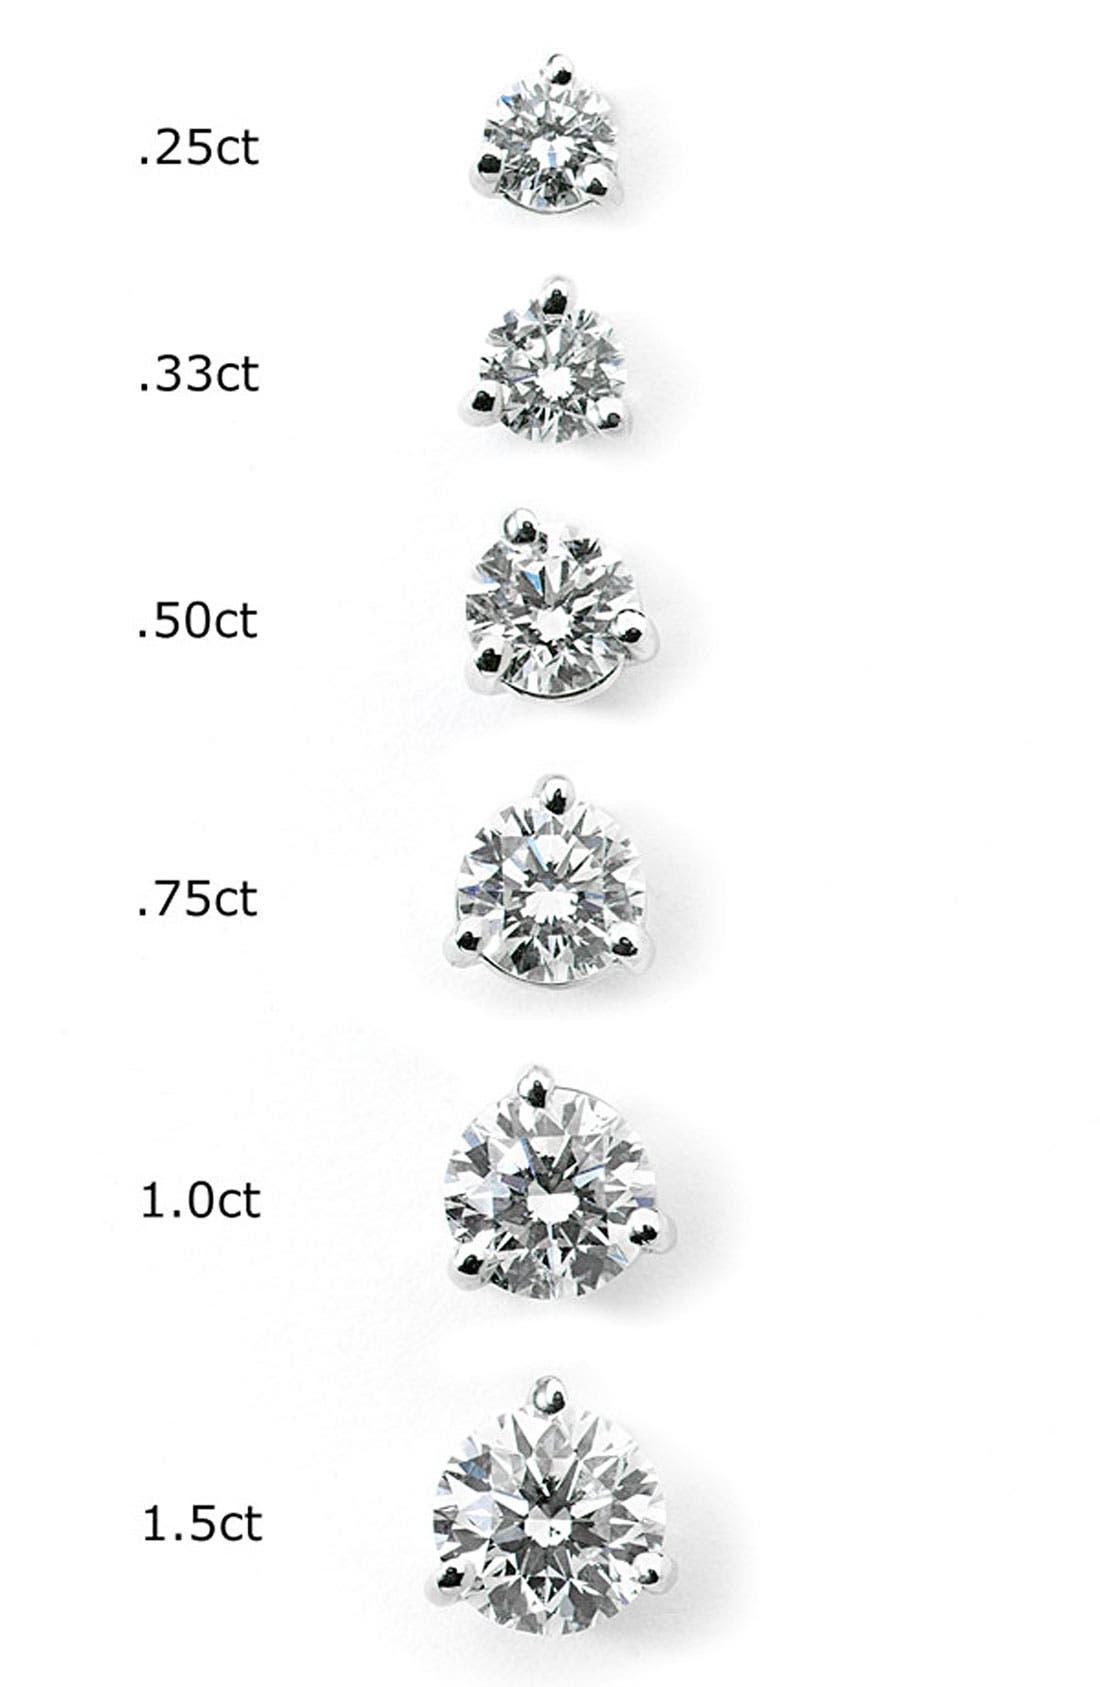 1.25ct tw Diamond & Platinum Stud Earrings,                             Alternate thumbnail 2, color,                             PLATINUM